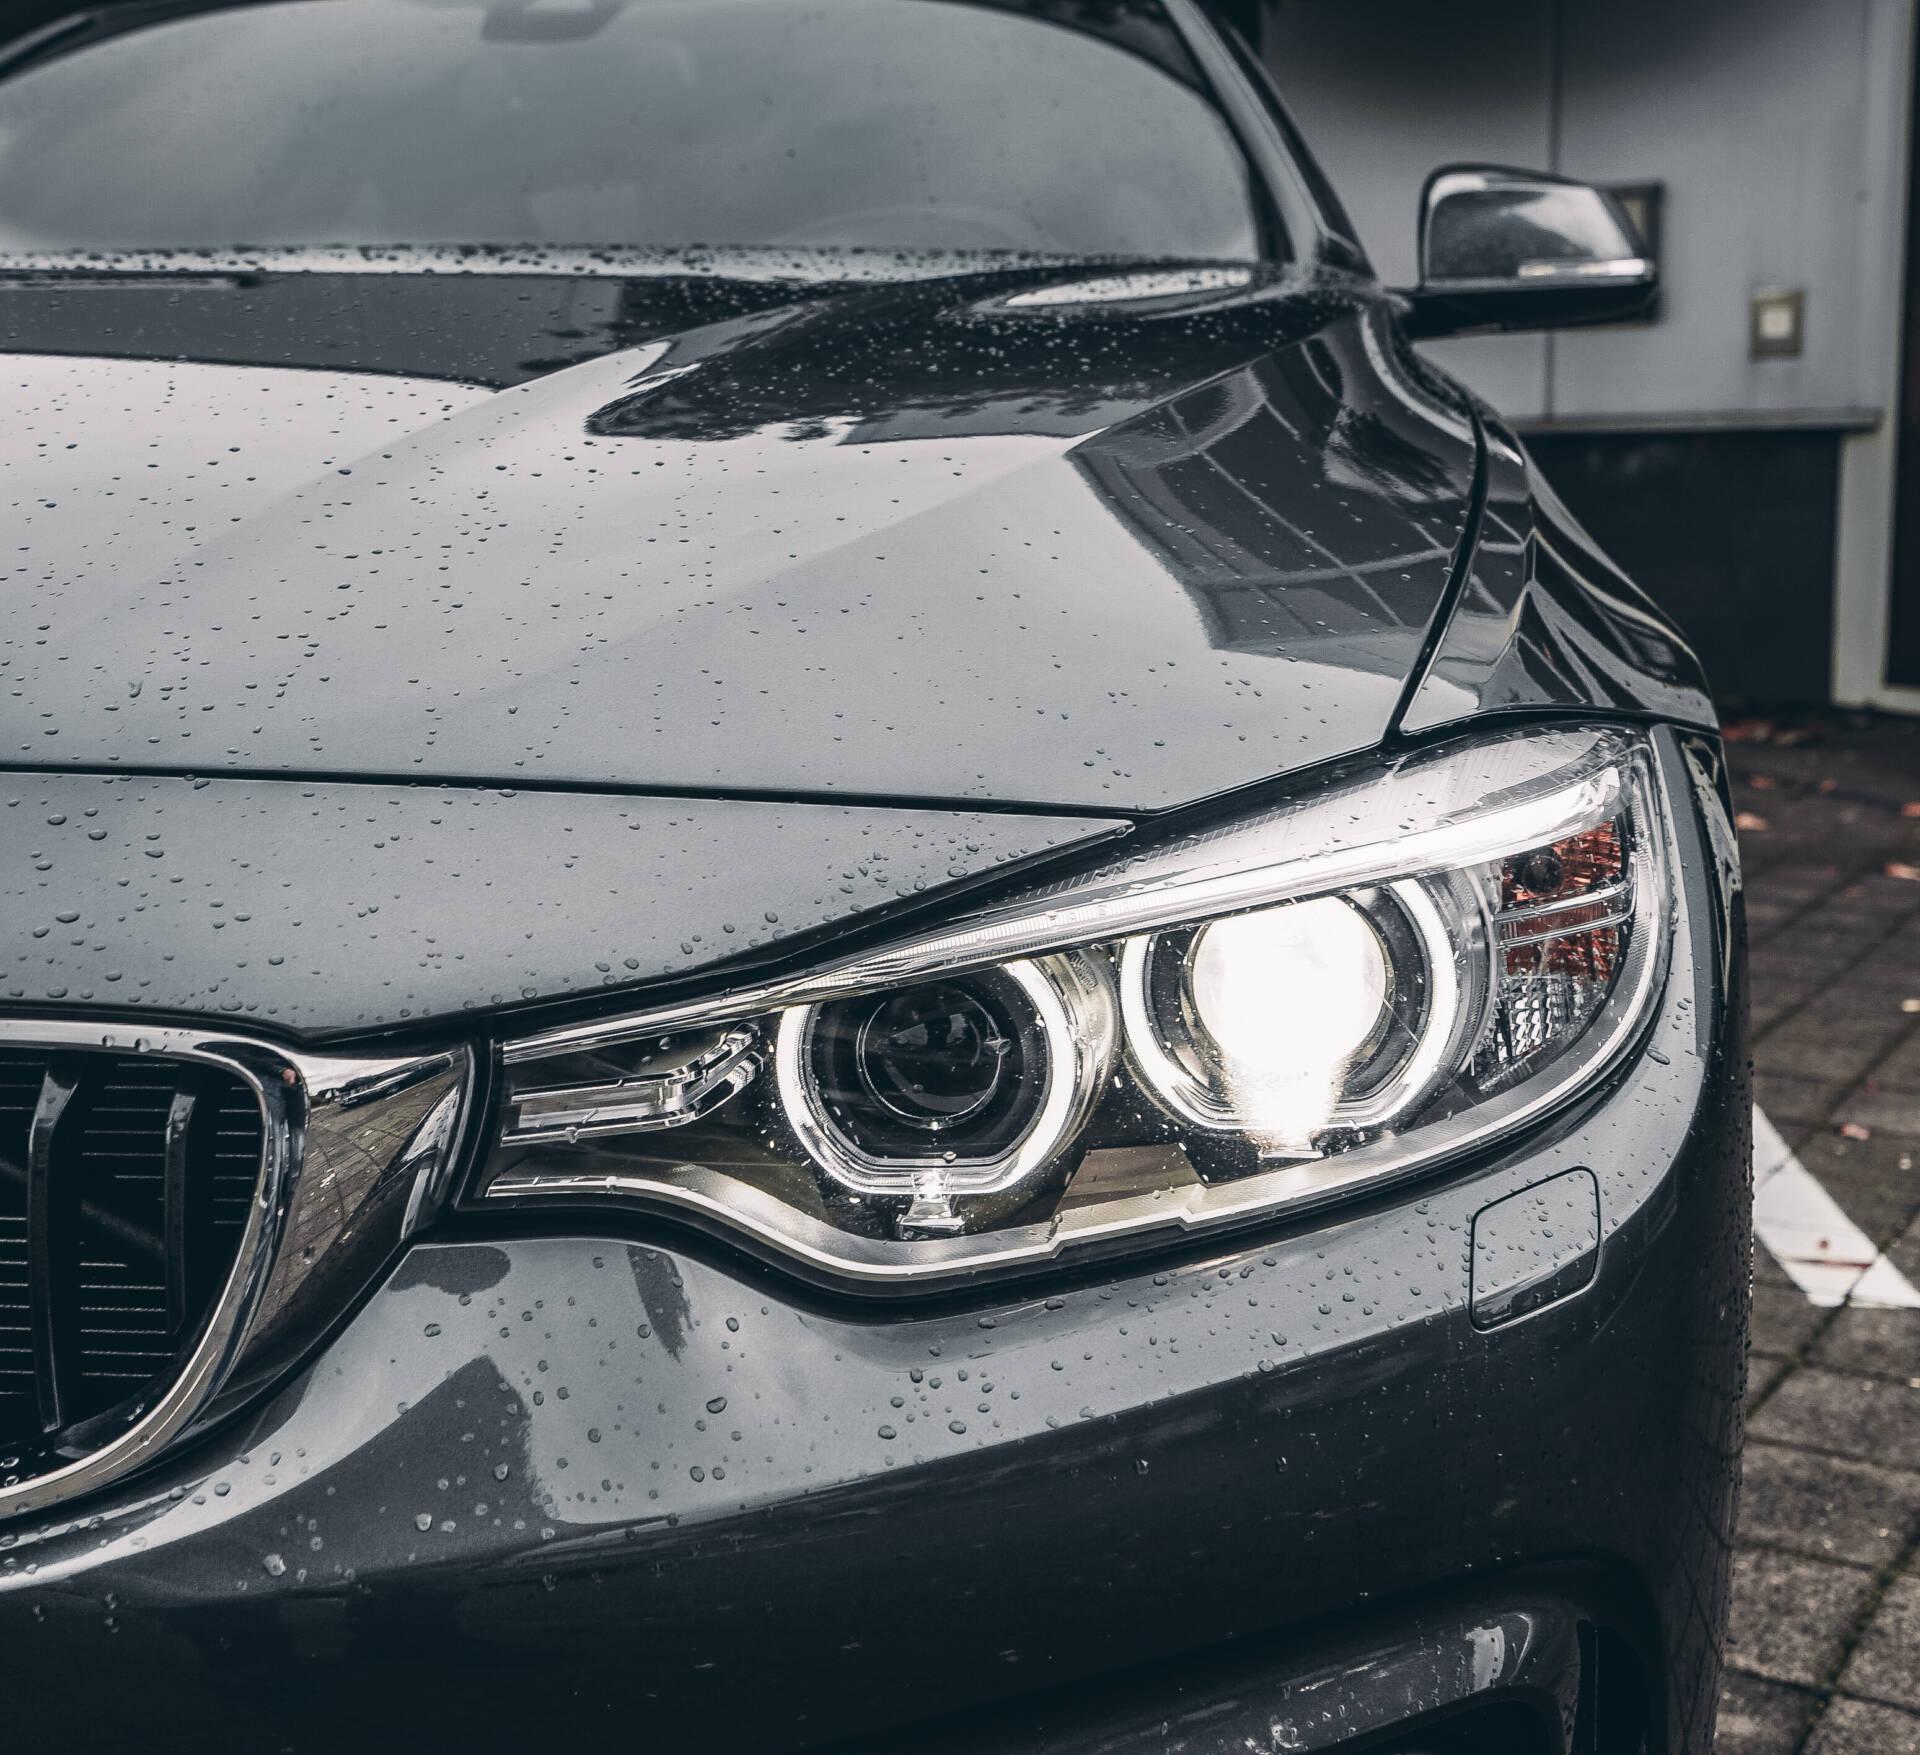 Надежность современных немецких машин: мифы и реальность